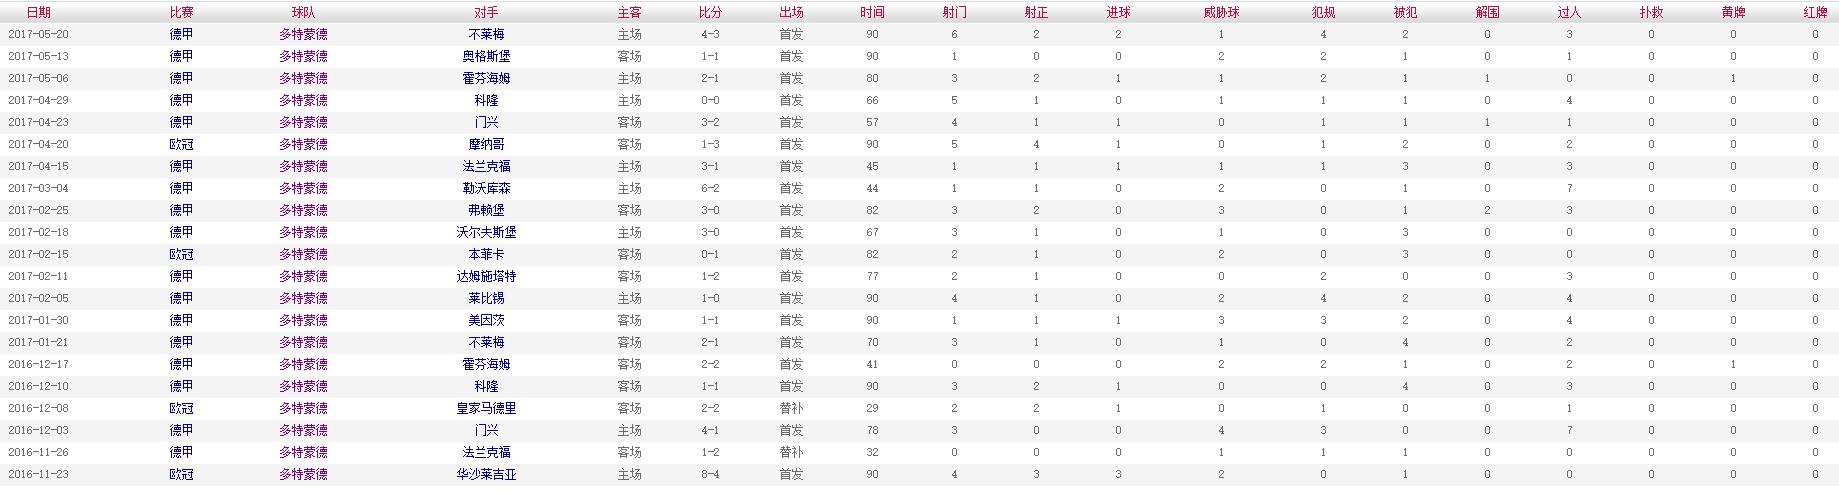 罗伊斯 2016-2017赛季多特蒙德比赛数据